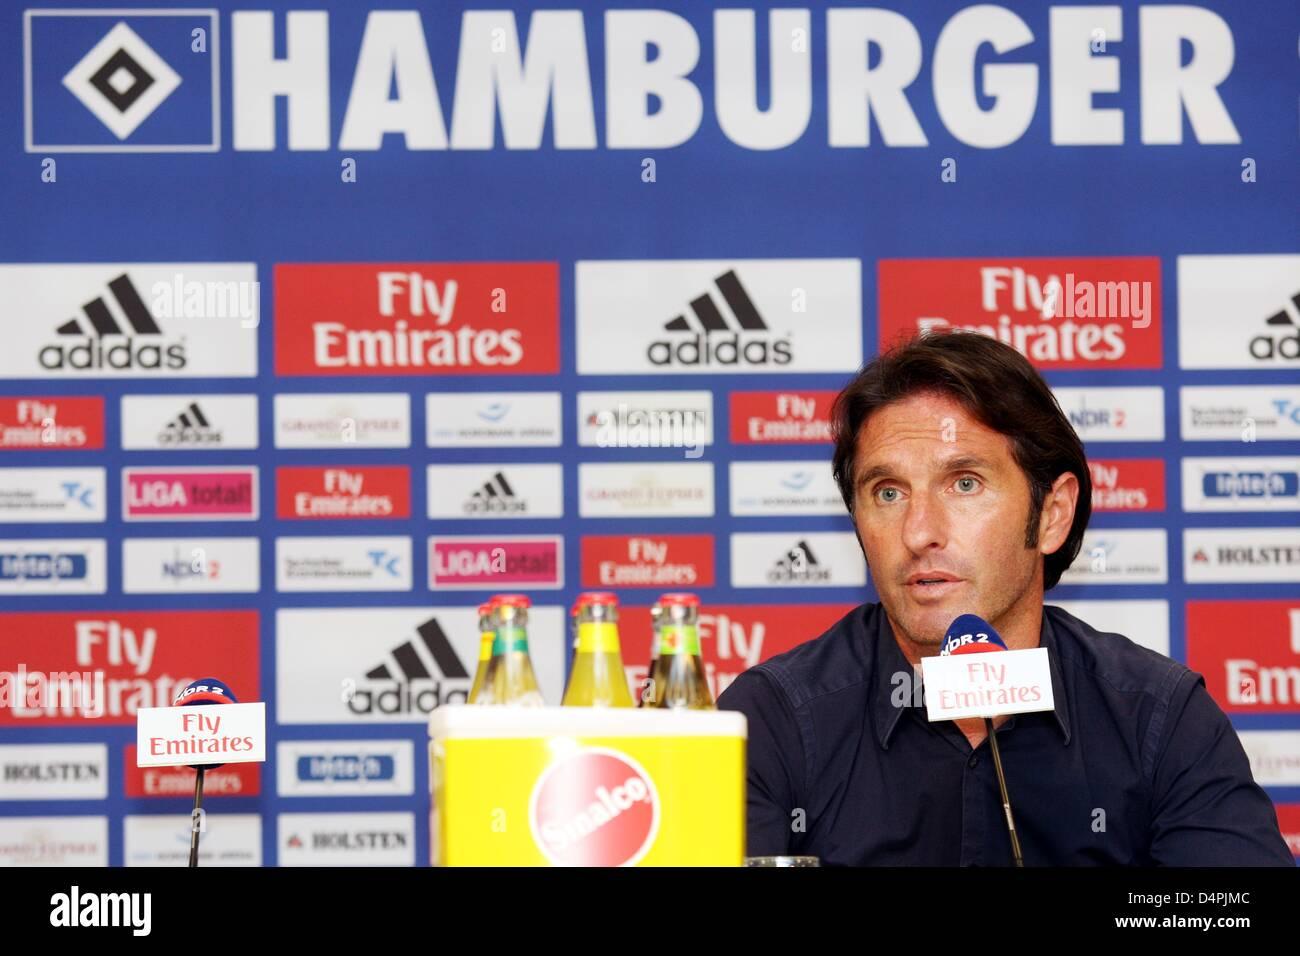 0a7325f756b Deutschen Bundesligisten Hamburger SV  s Cheftrainer Bruno Labbadia während  einer Pressekonferenz